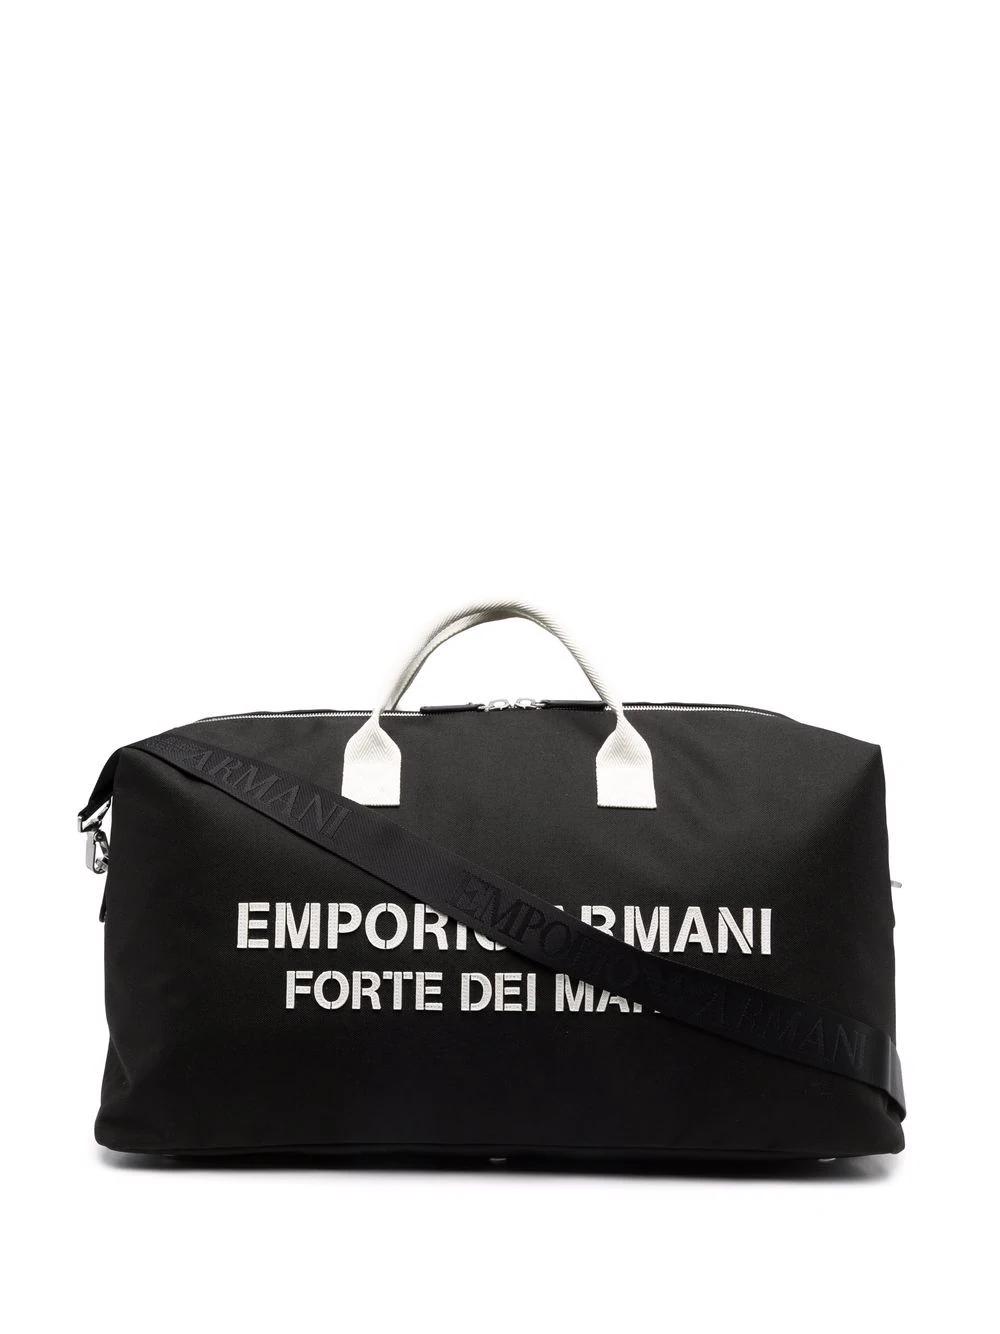 6. EMPORIO ARMANI : Saint Tropez logo holdall